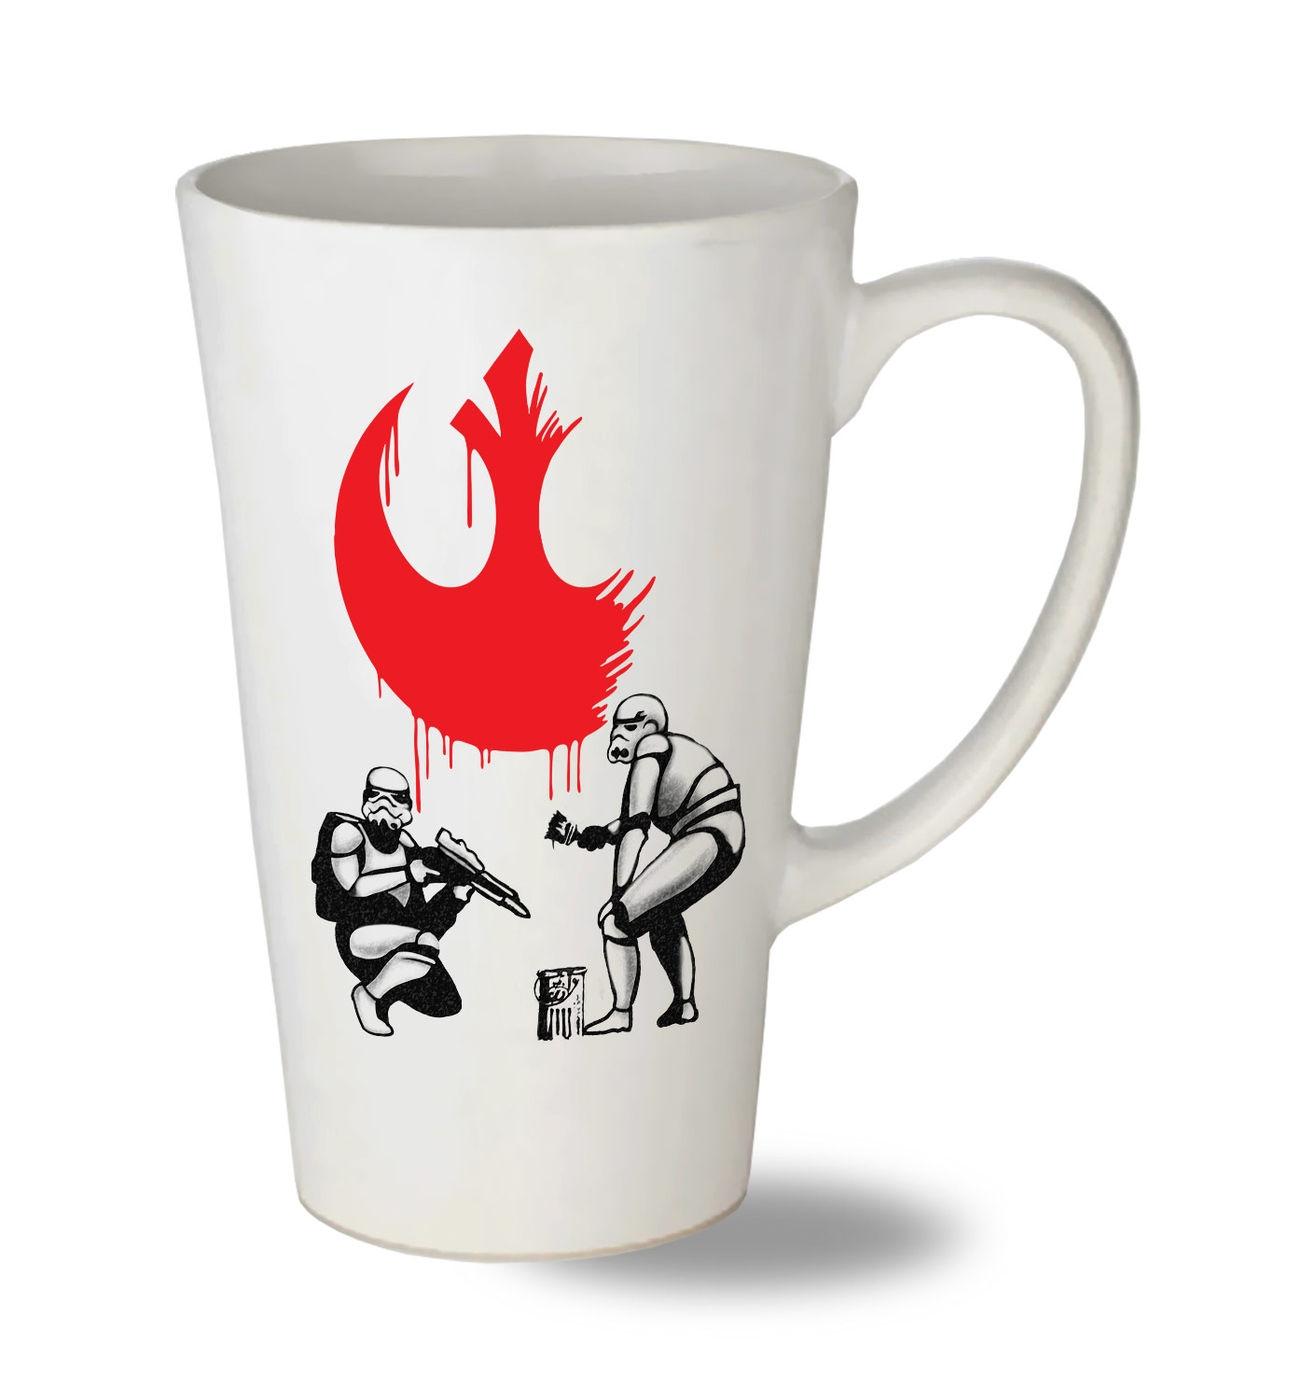 Rebel Stormtroopers tall latte mug - Star Wars Banksy mashup latte mug